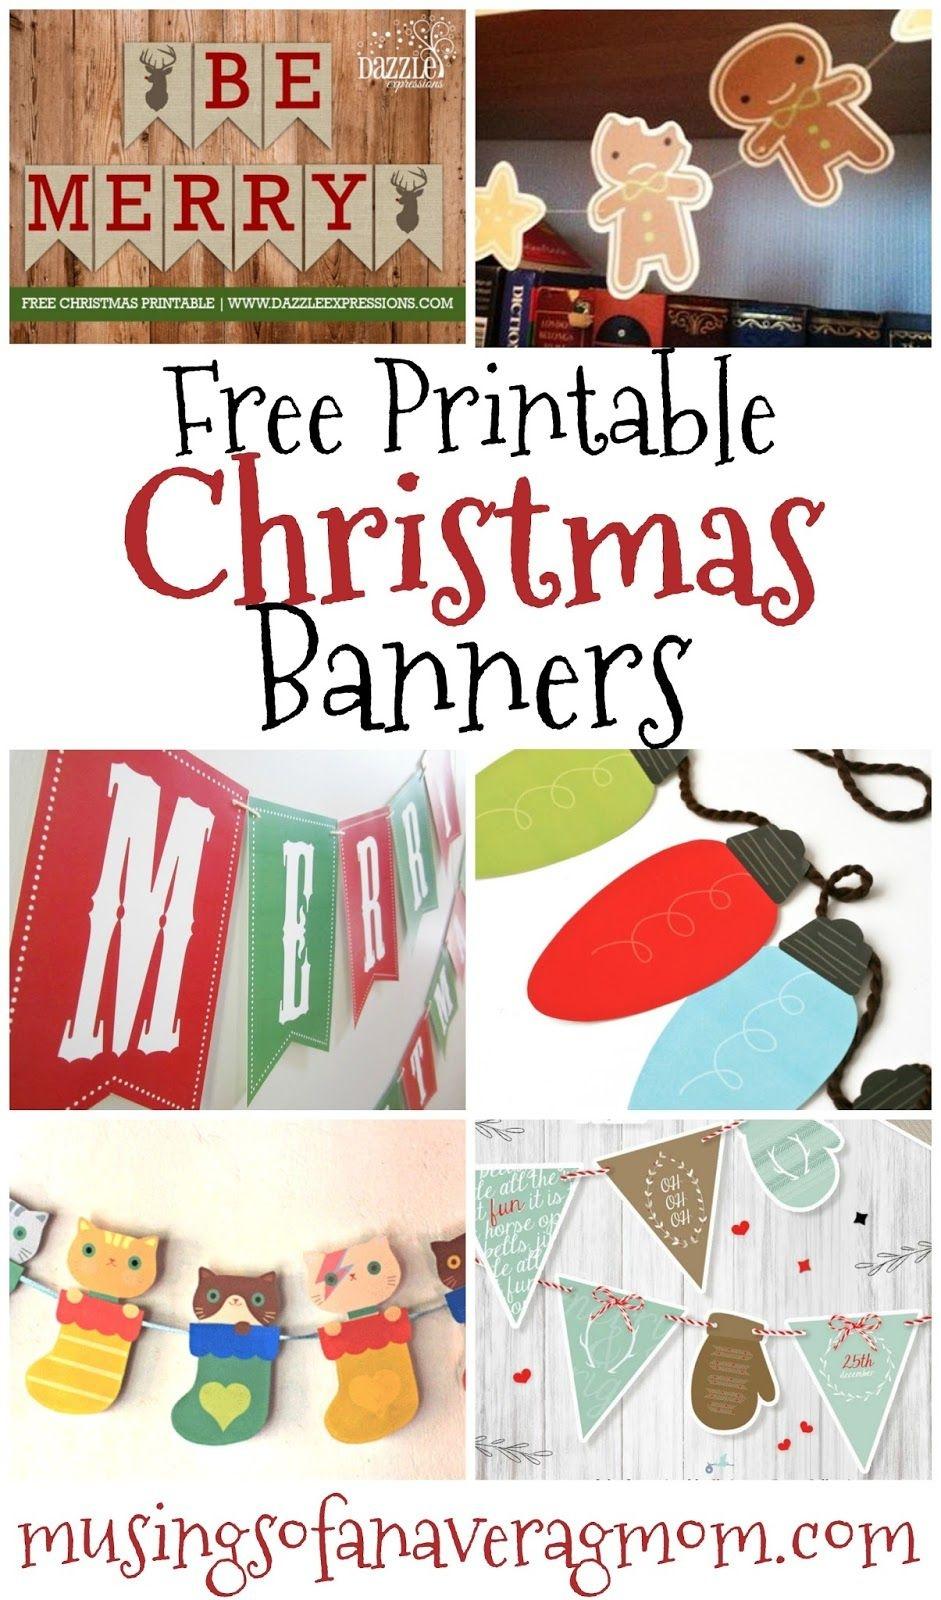 Free Printable Christmas Banners   Banner Letters   Free Christmas - Free Printable Christmas Banner